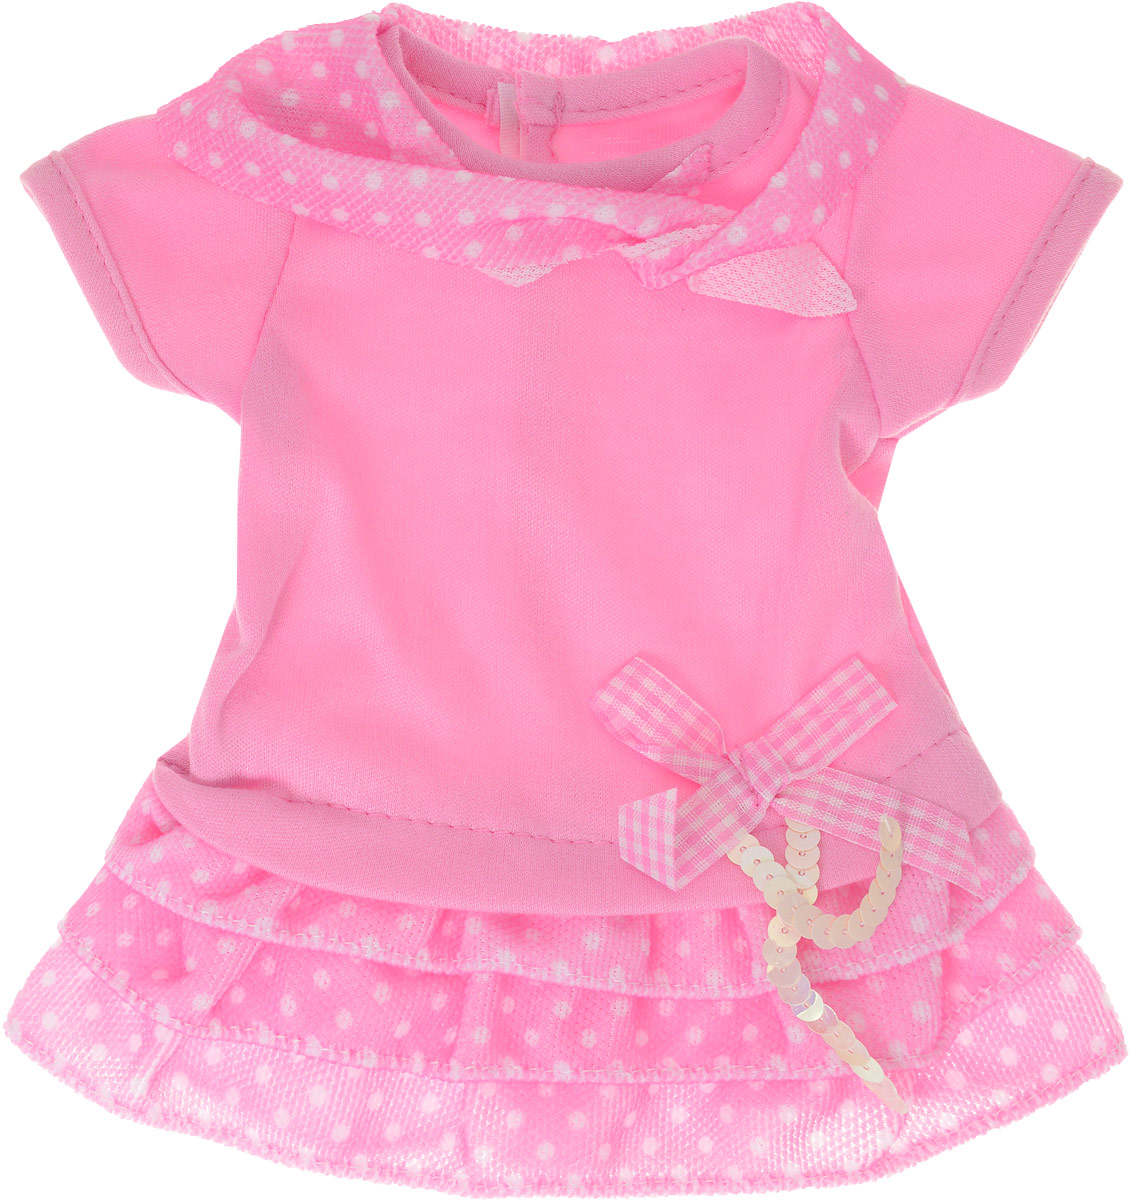 Junfa Toys Одежда для кукол Платье GC14-2 куклы и одежда для кукол виана одежда для кукол 128 55